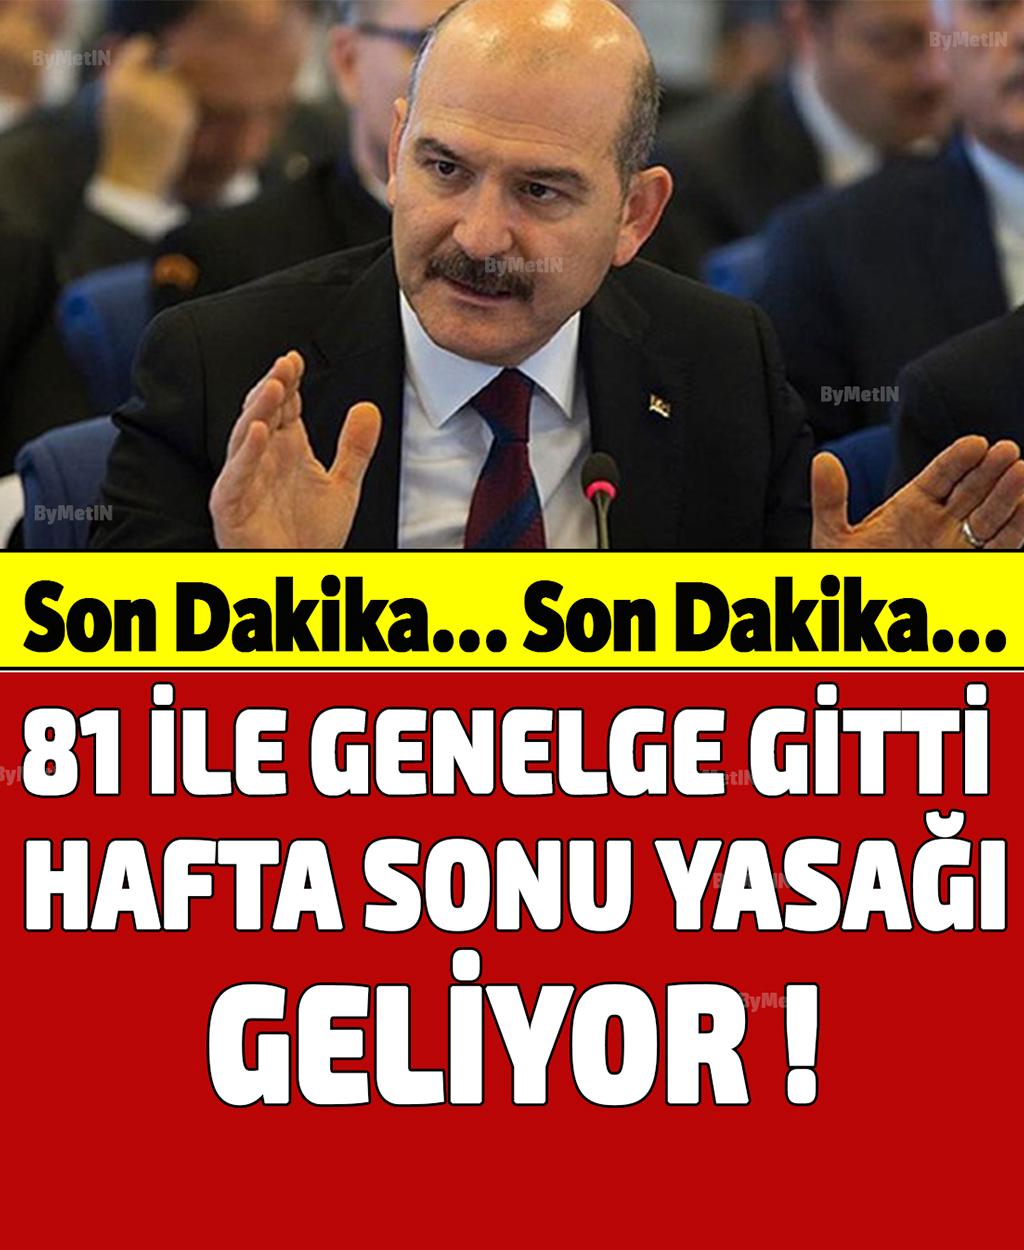 HAFTA SONU YASAK GELİYOR - 1